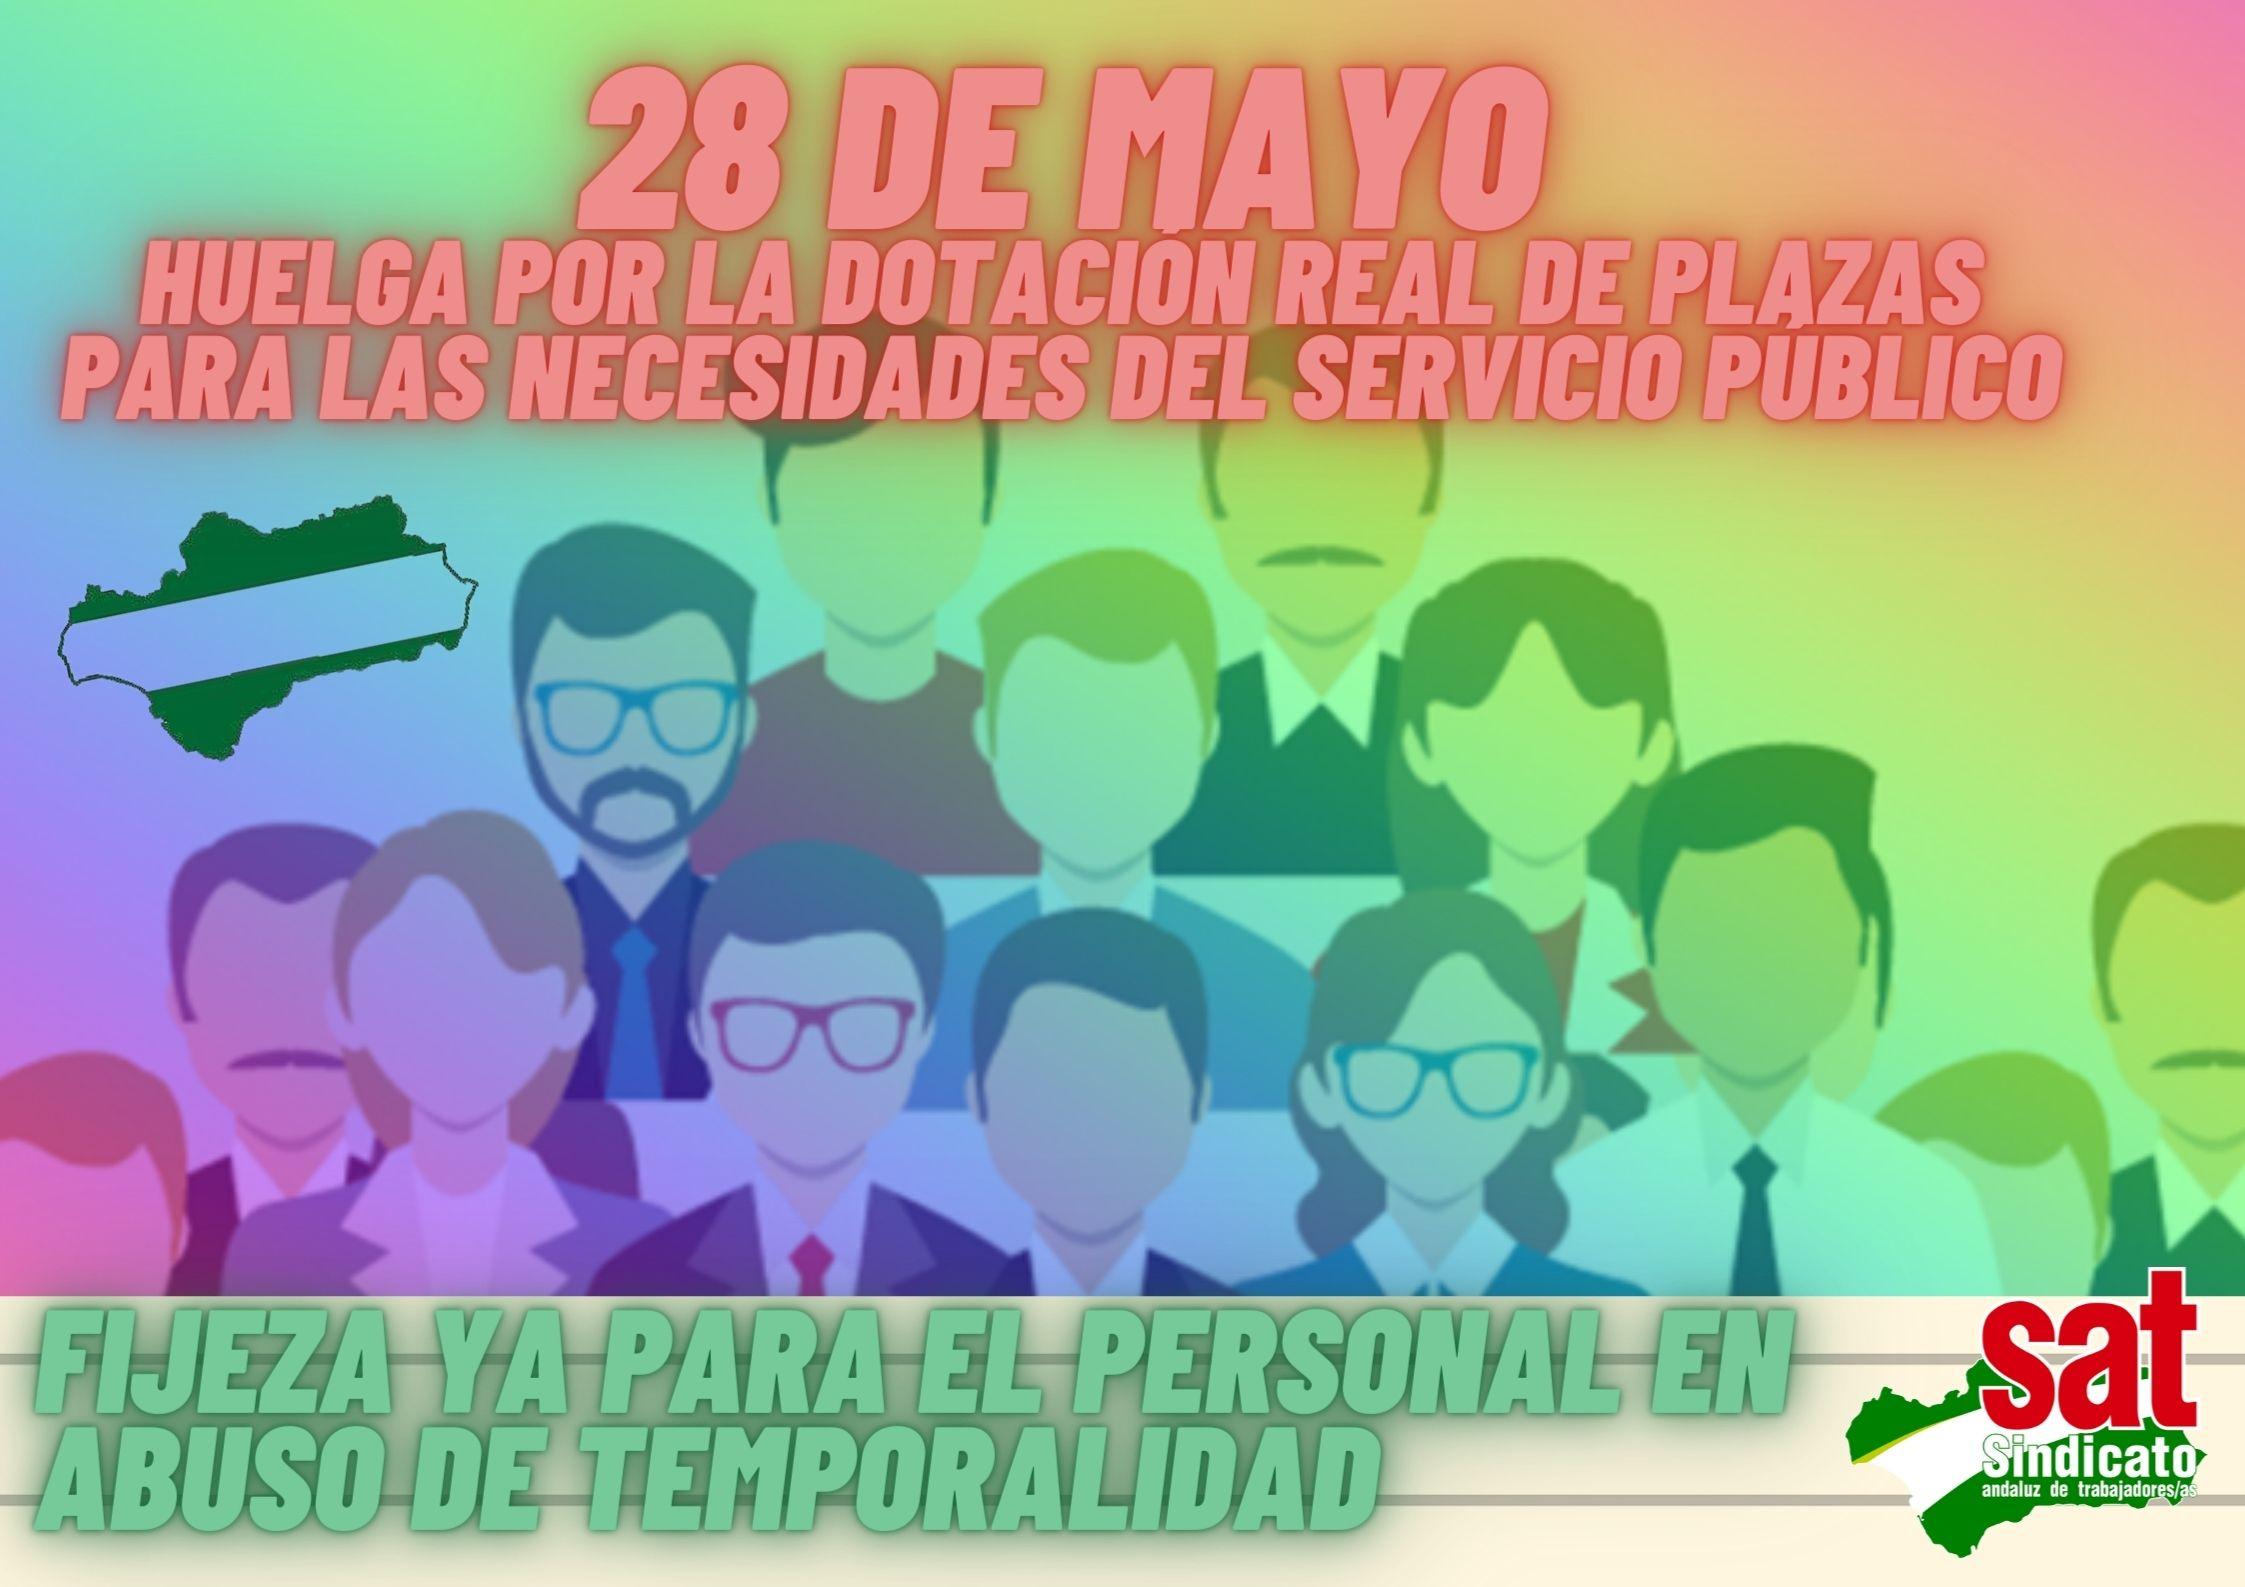 Copia de 28 de mayo HUELGA POR LA DOTACIÓN REAL DE PLAZAS PARA LAS NECESIDADES DEL SERVICIO-1